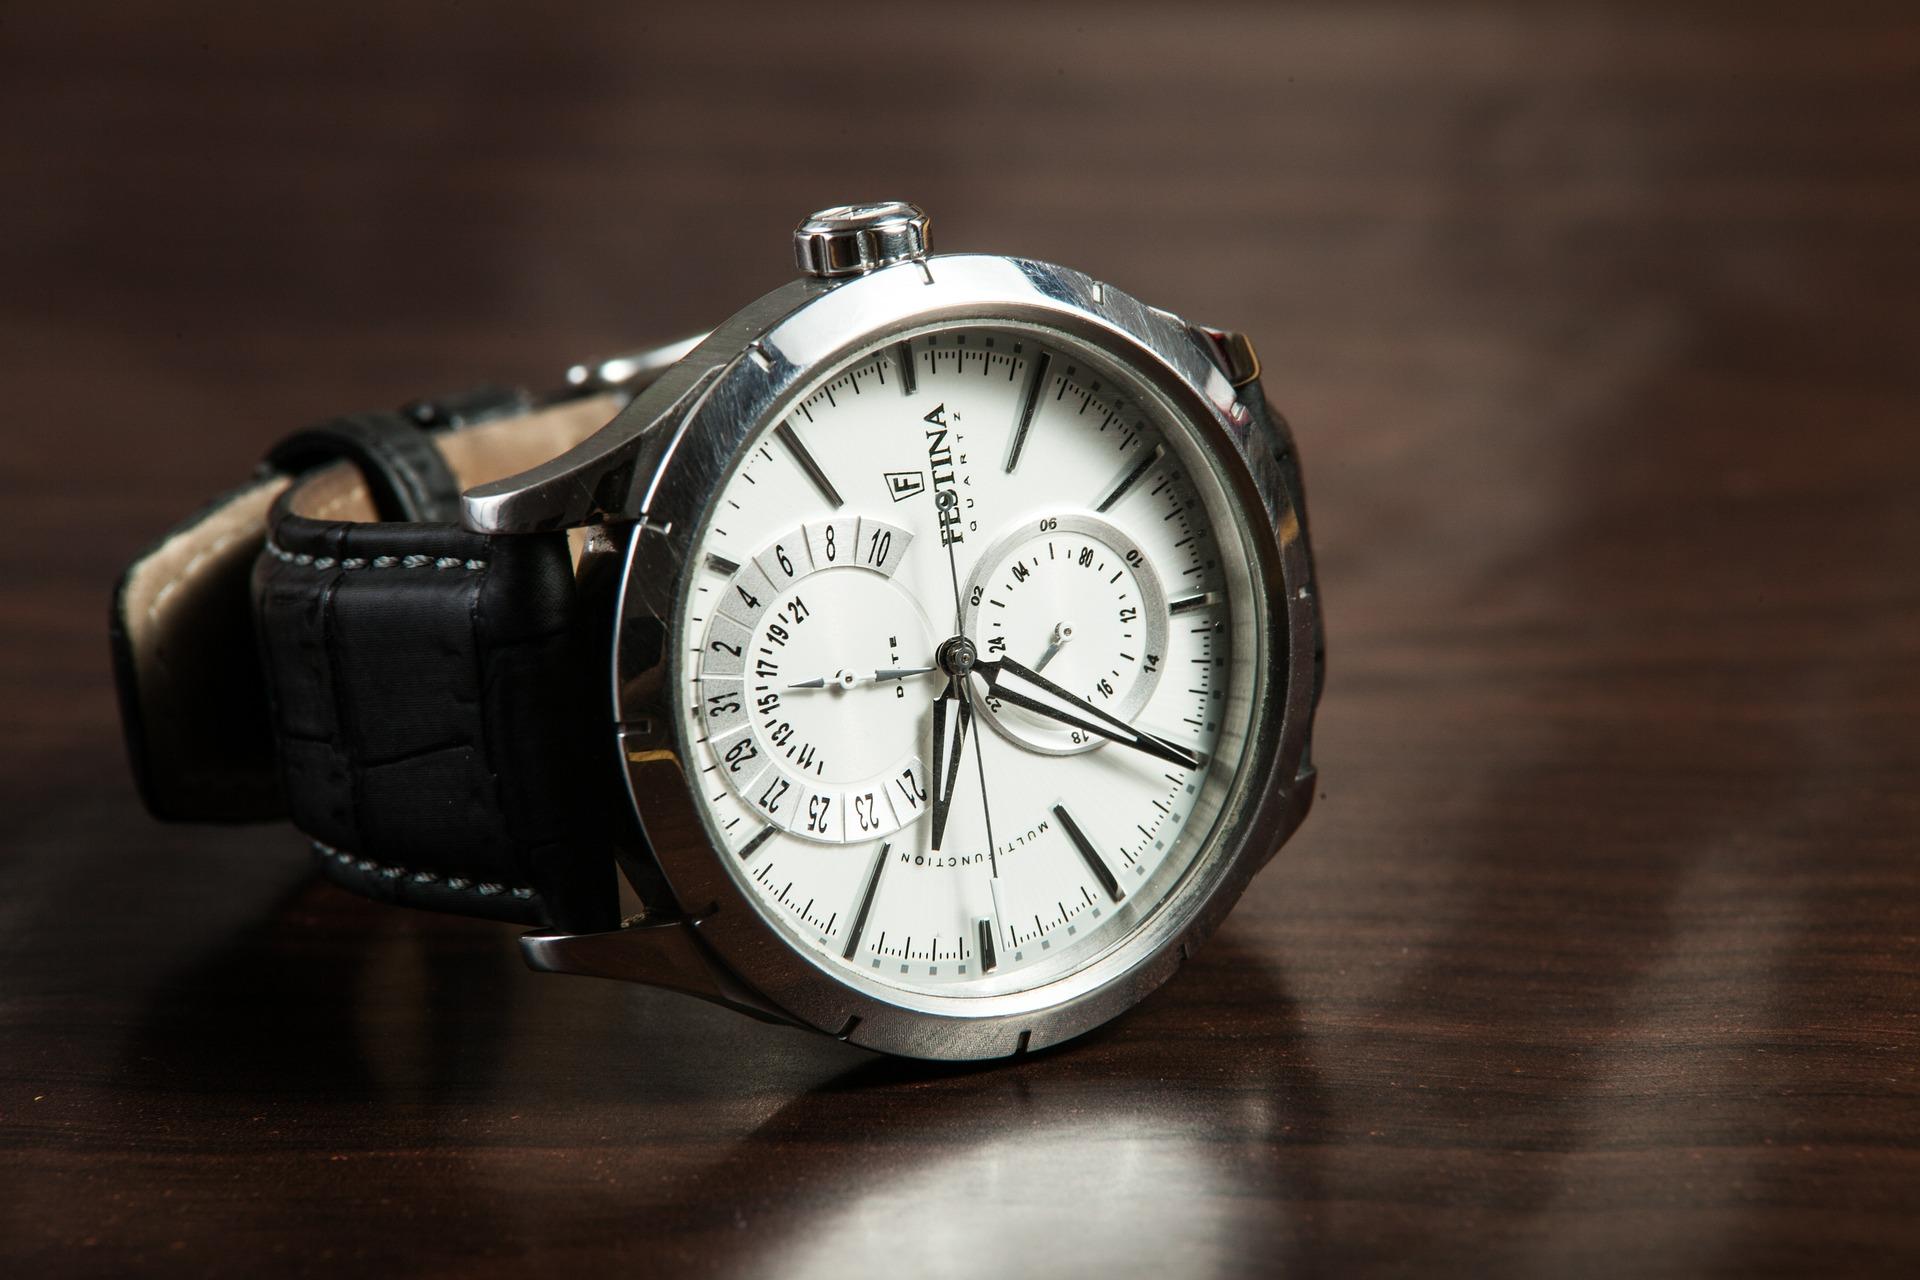 現場監督の腕時計にふさわしい5つの条件